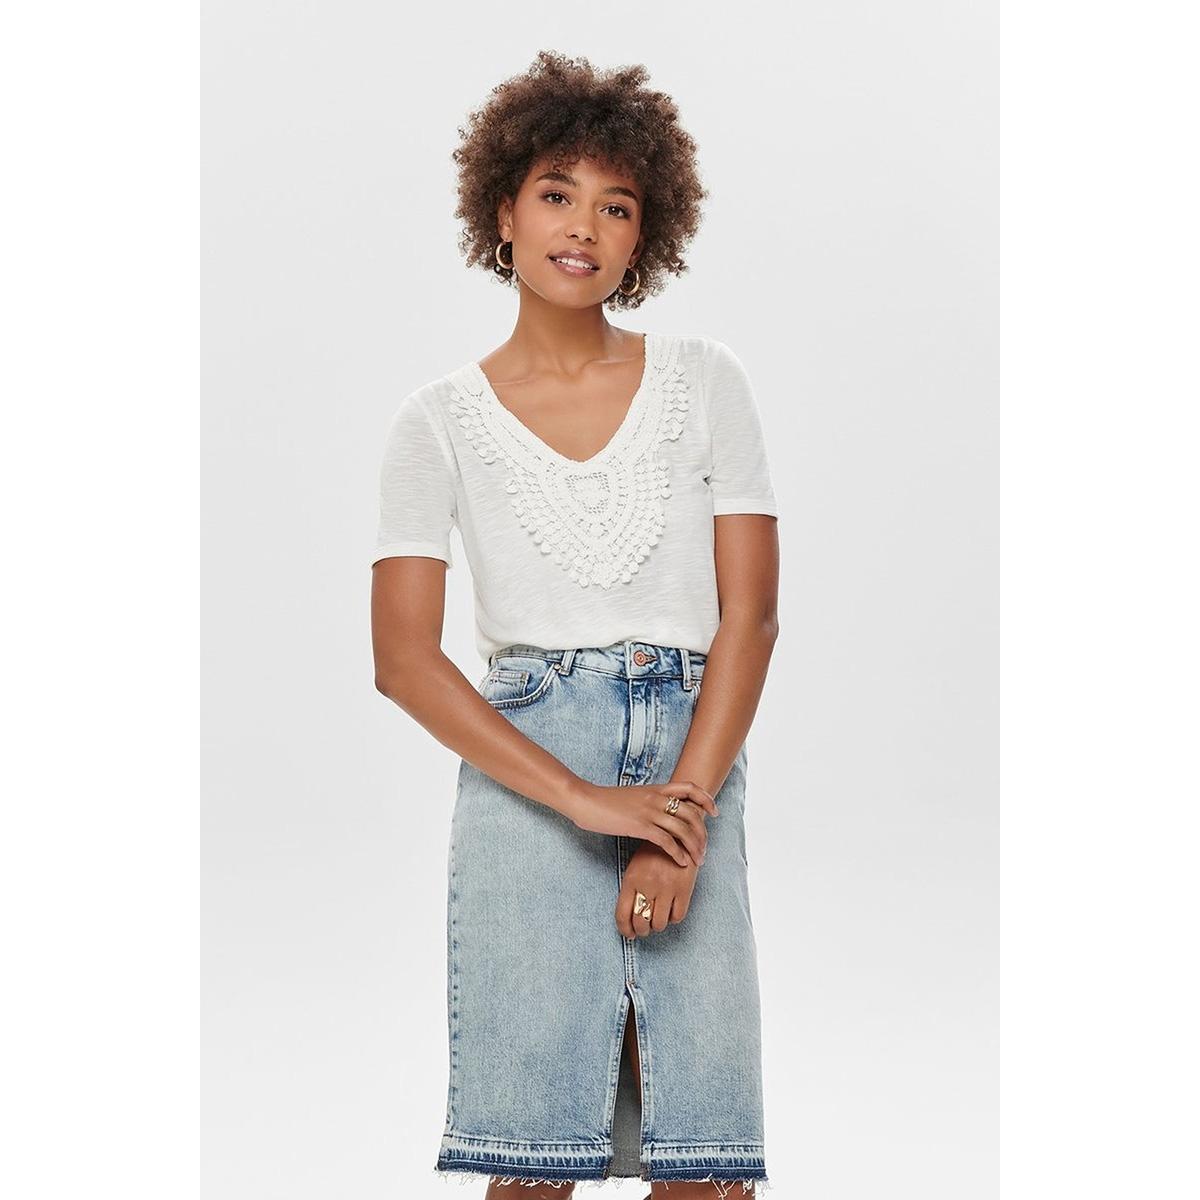 jdydodo s/s top jrs 15154568 jacqueline de yong t-shirt cloud dancer/dtm croche